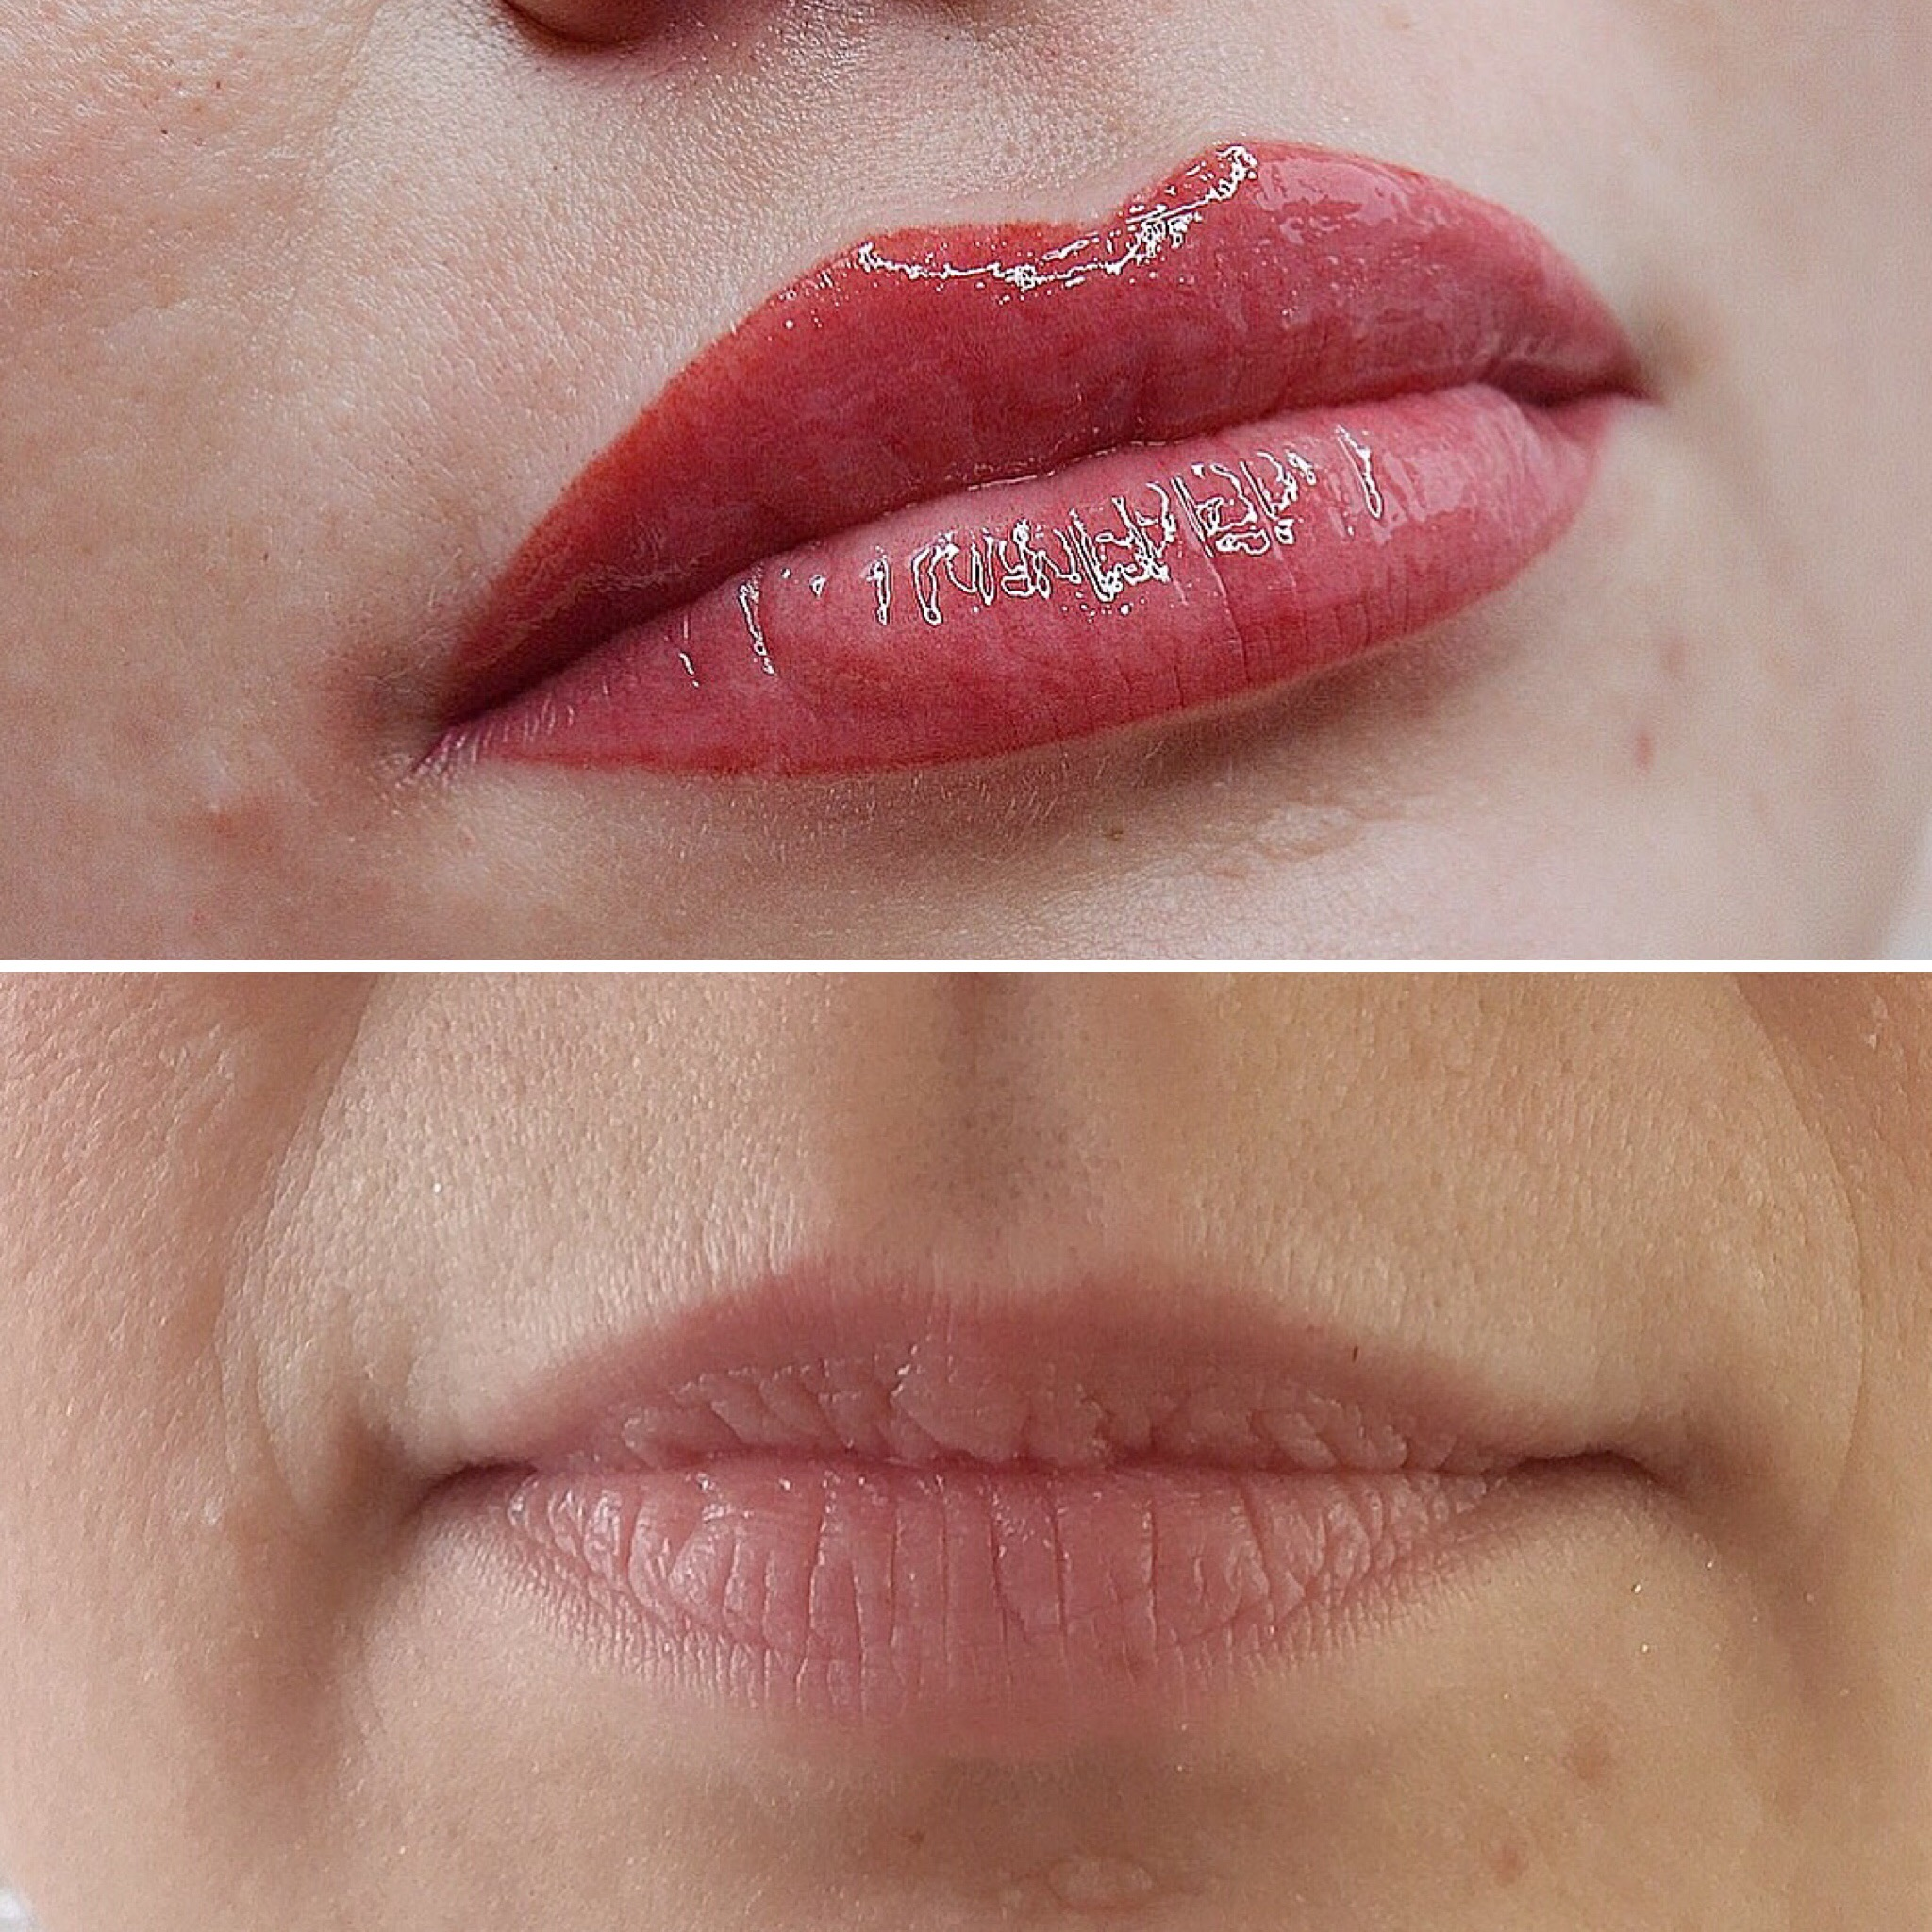 Перманетный макияж губ в акварельной технике до и после в городе Иваново